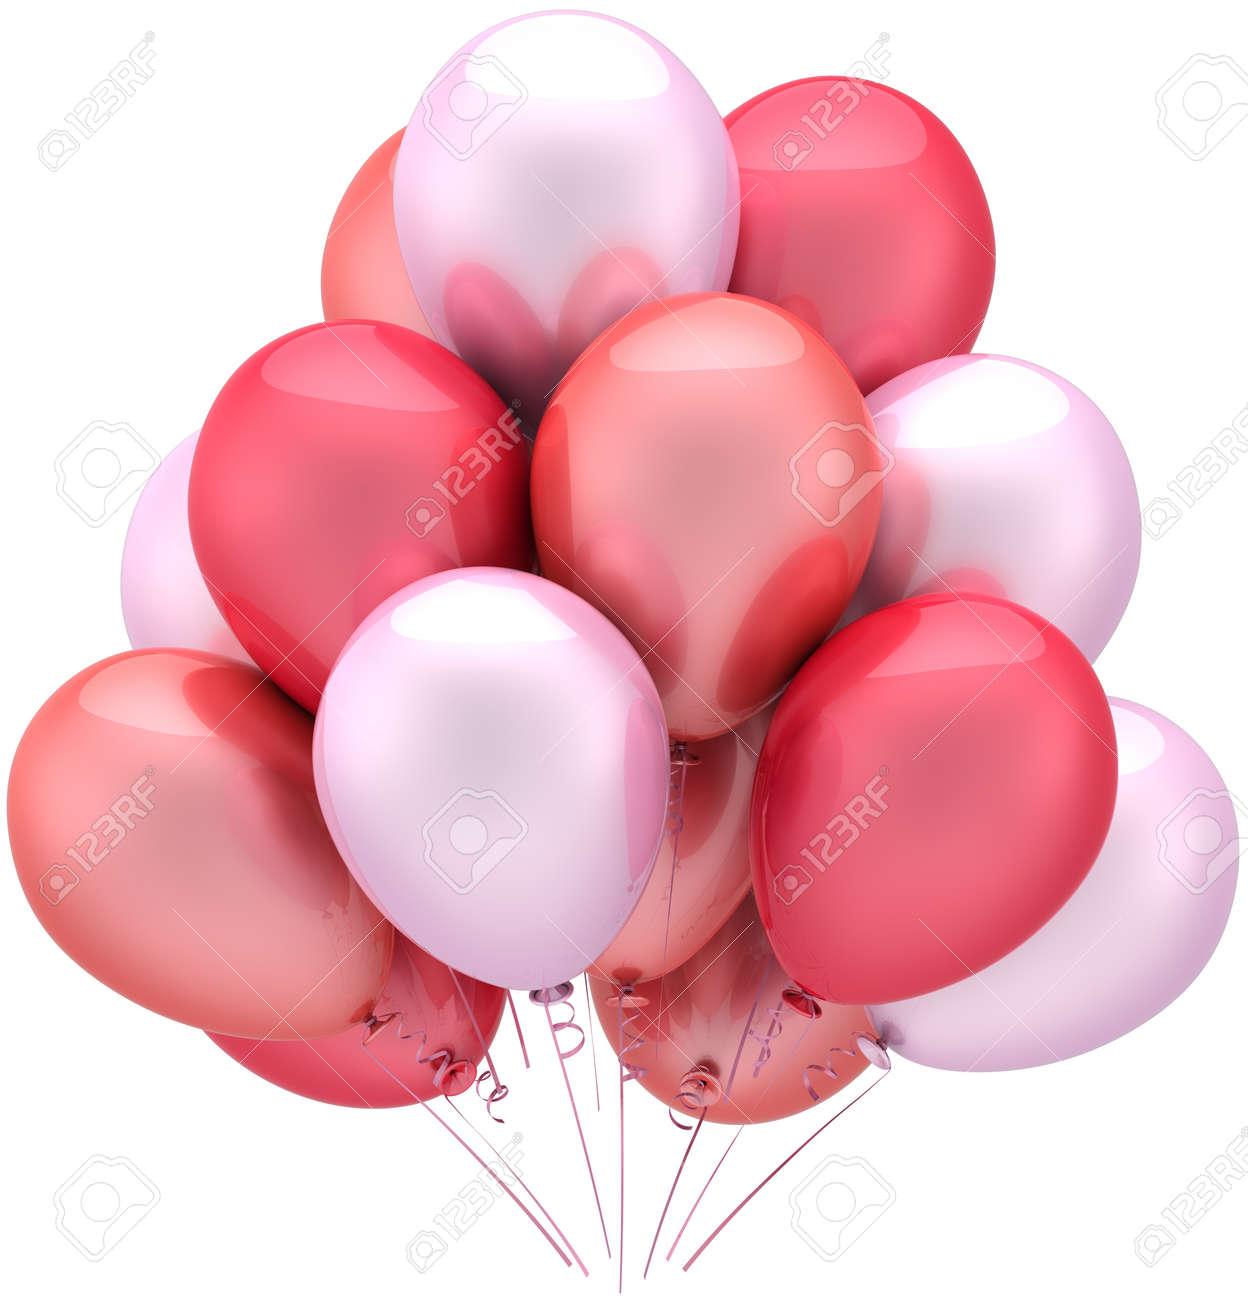 Ballons Feiern Geburtstag Romantische Dekoration Liebe Rosa Farben